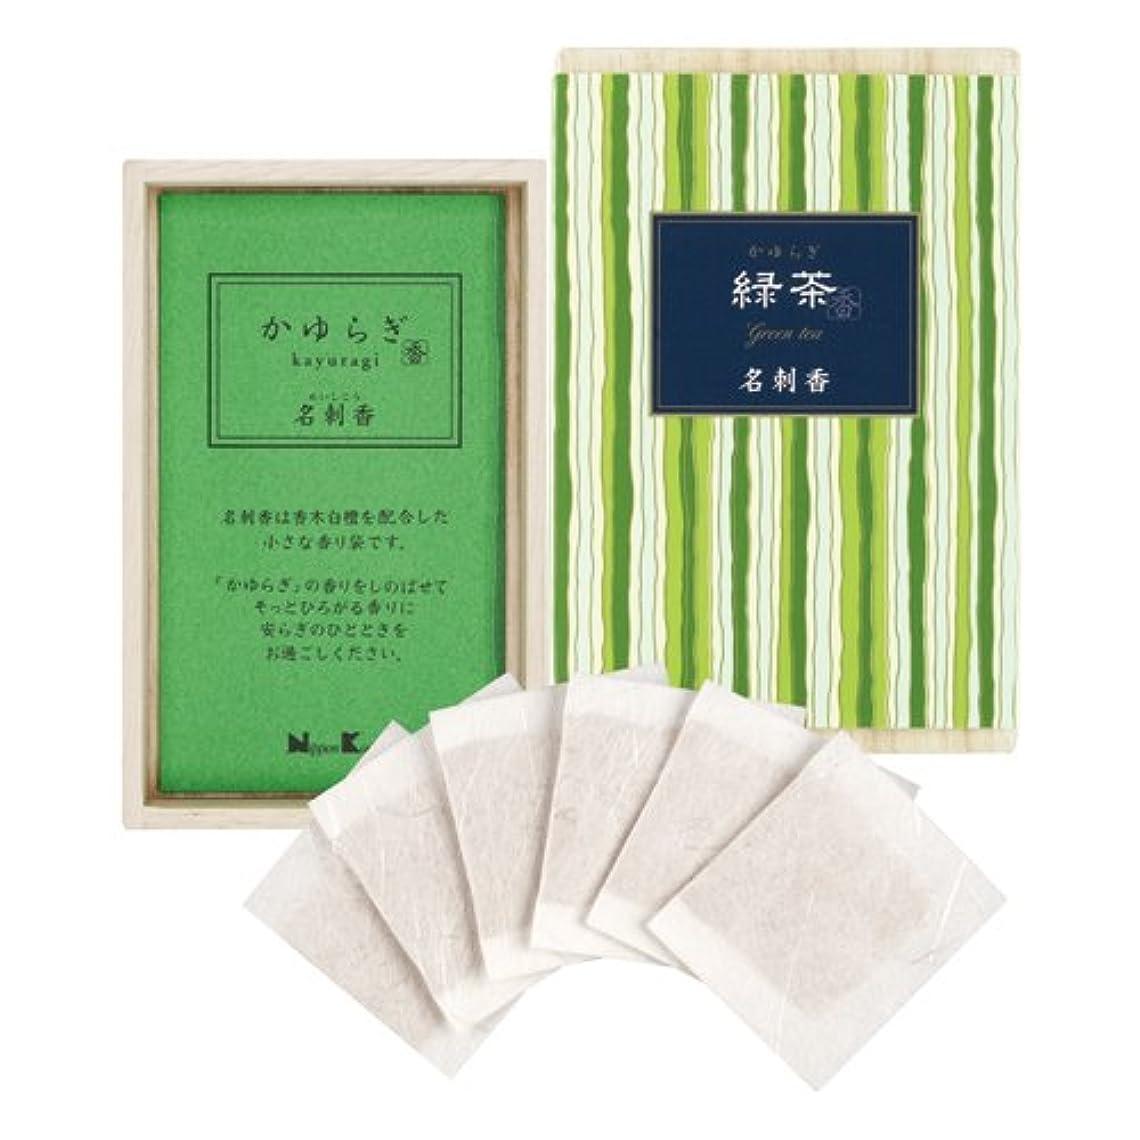 すき厚くする測るかゆらぎ 緑茶 名刺香 桐箱 6入